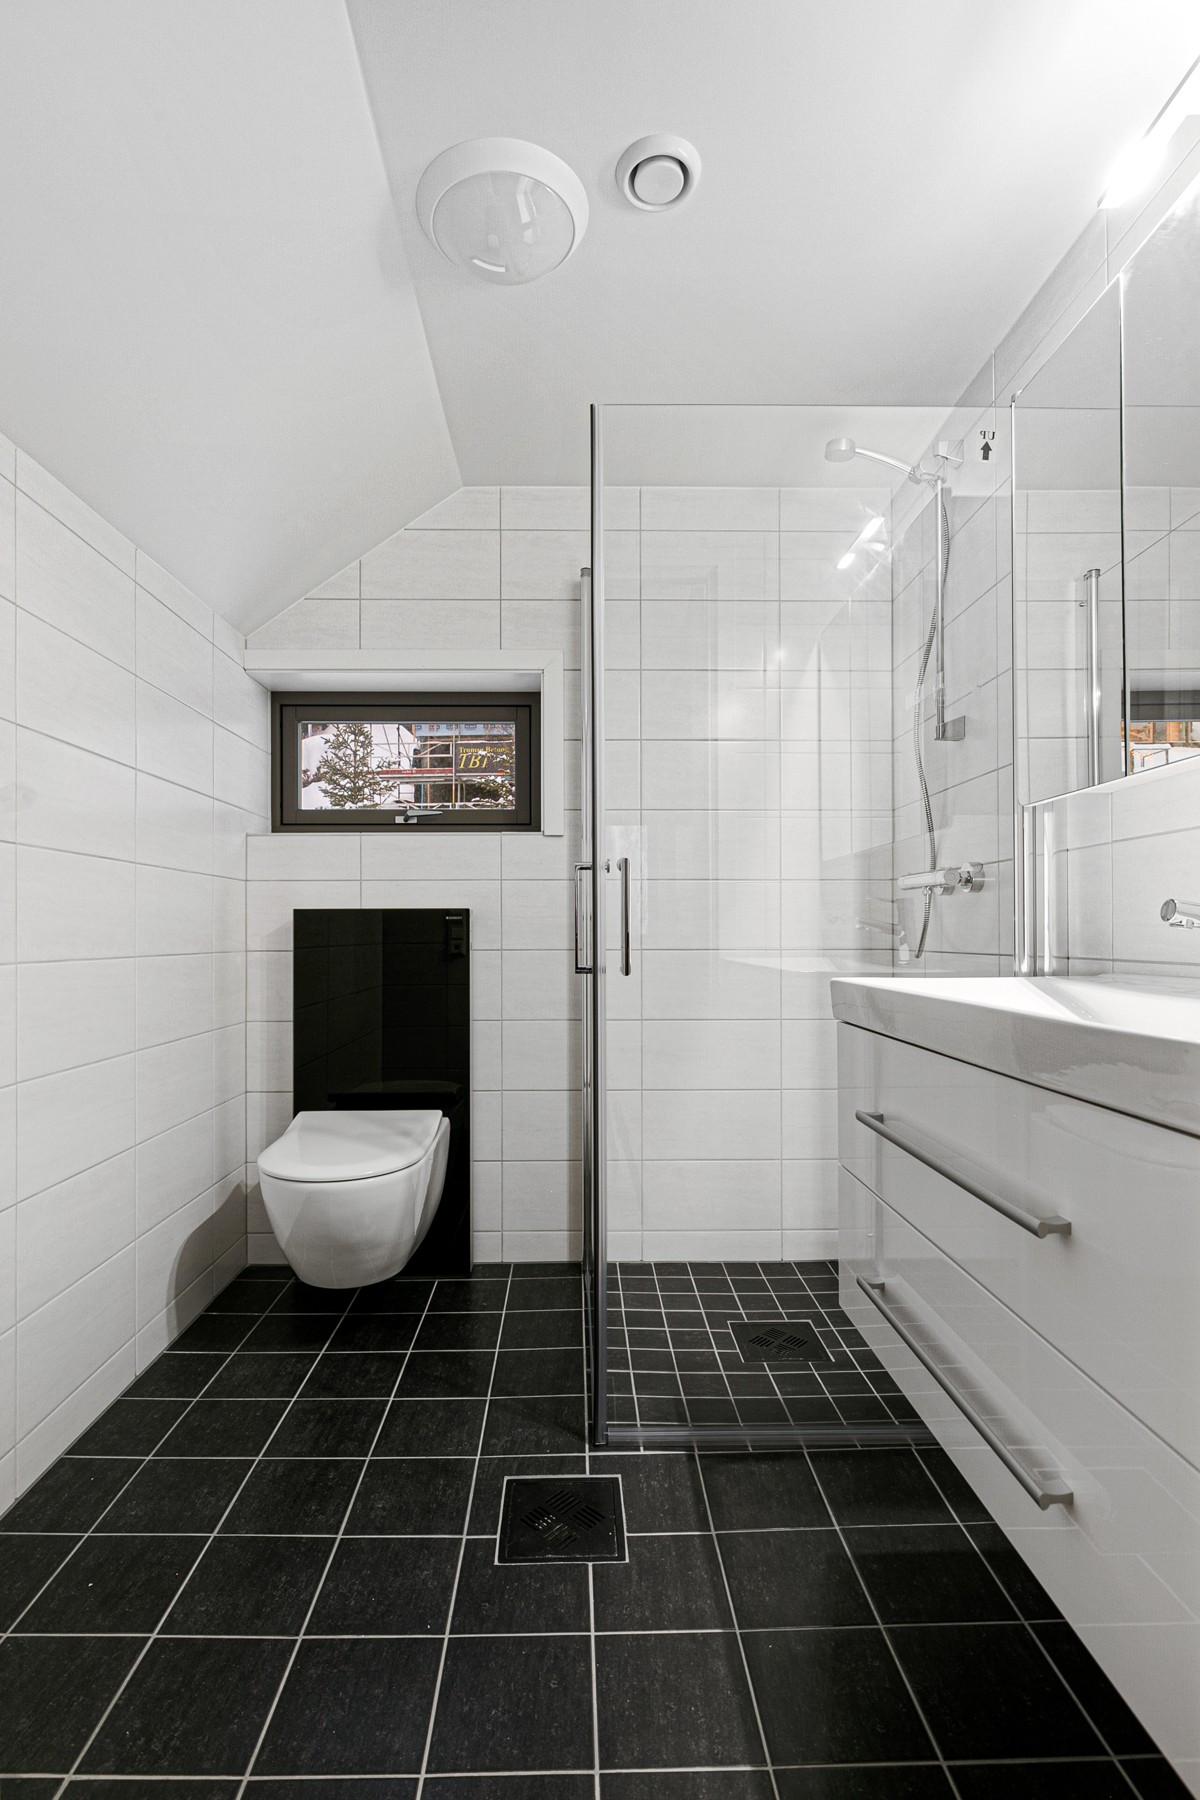 Bad i 2. etasje - komplett flislagt med gulvvarme, stor dusjnisje og vegghengt servant